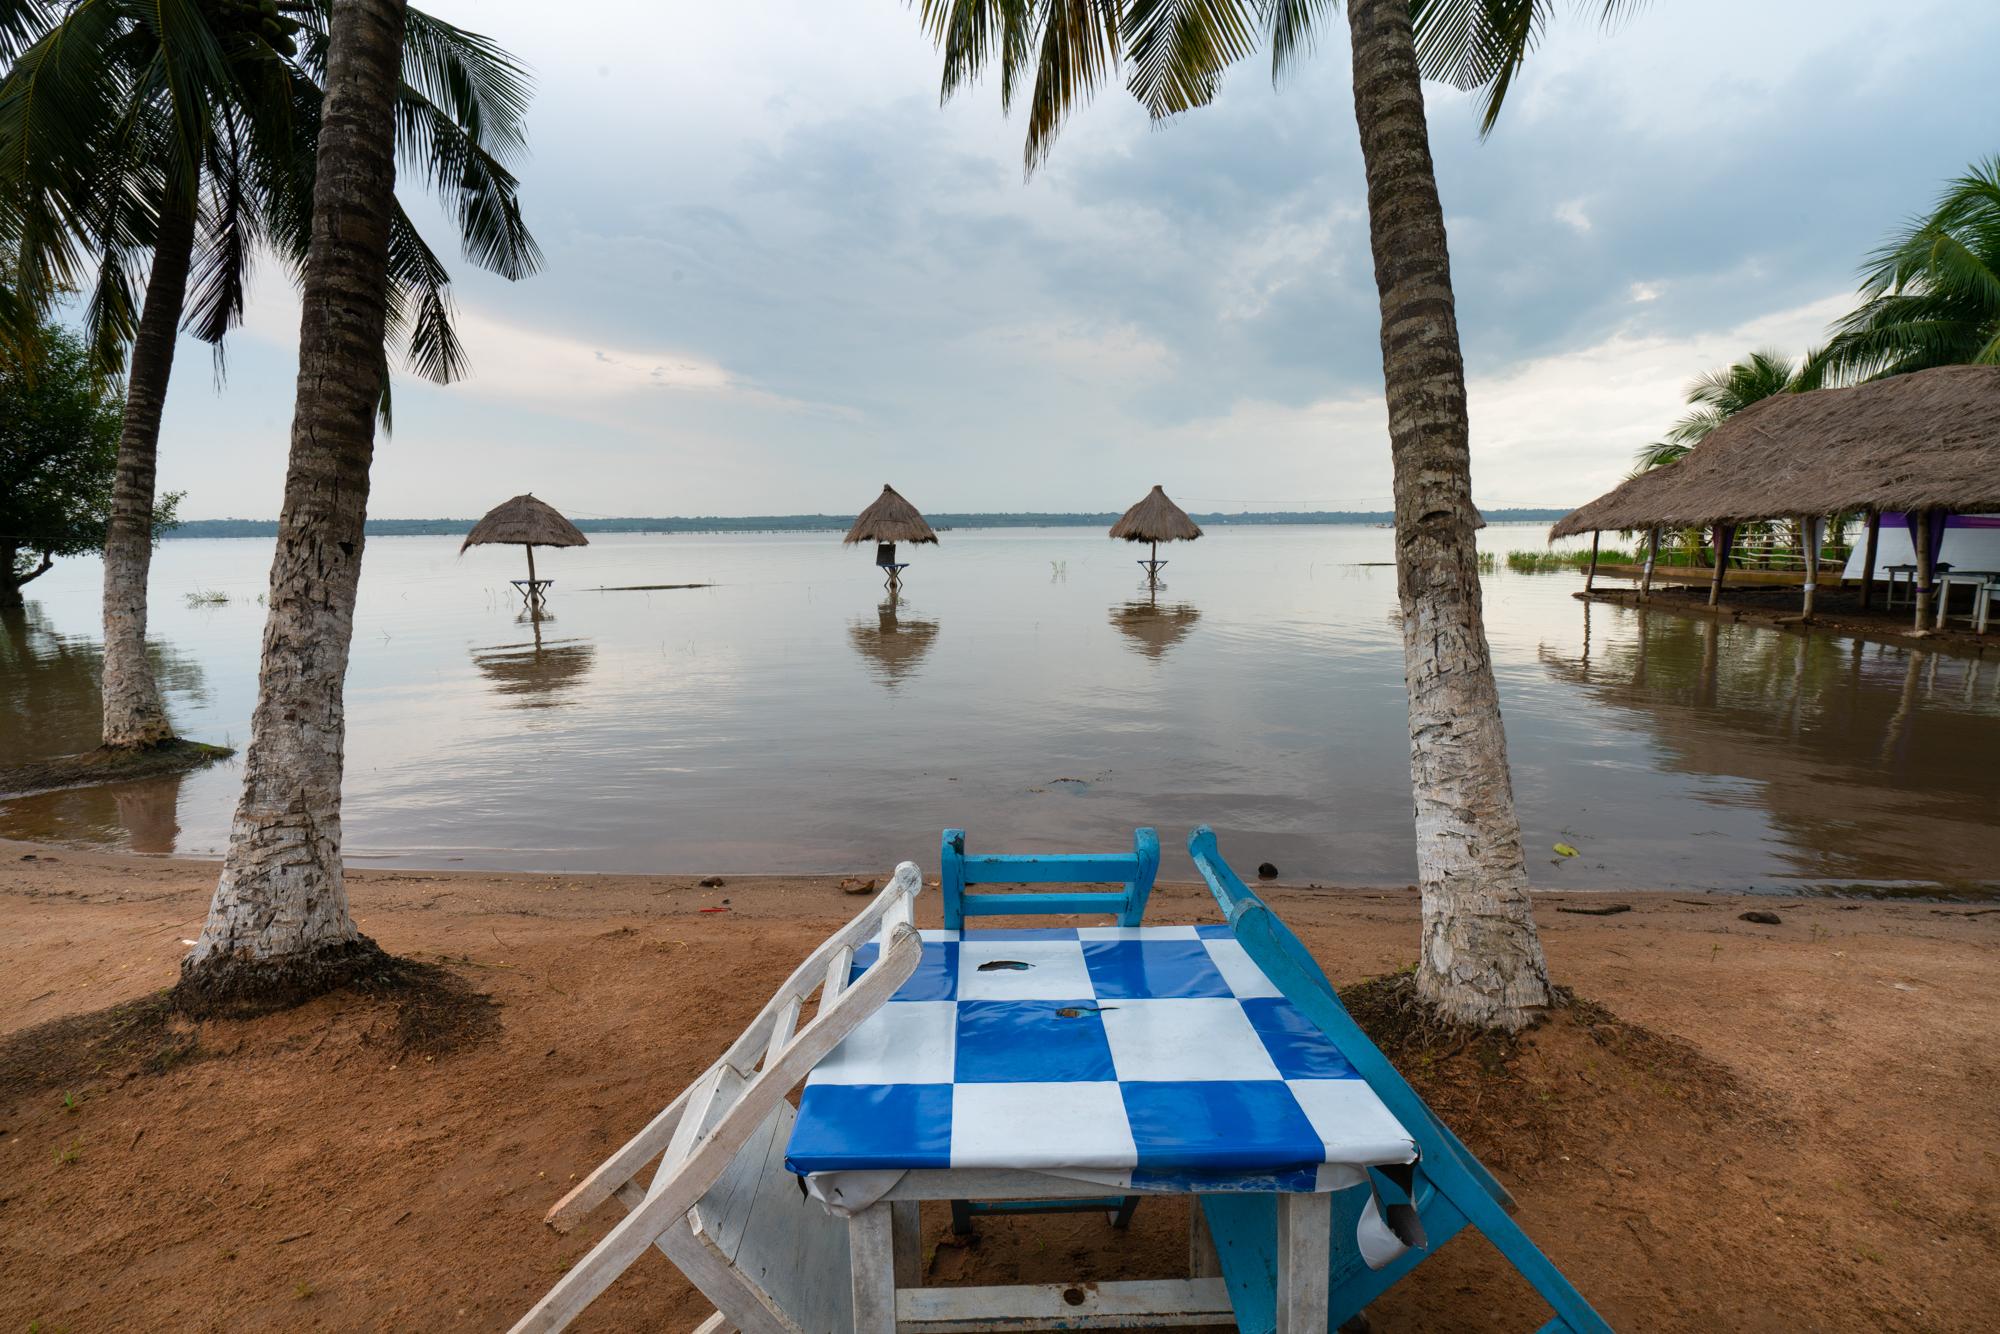 Benin_2000 sin título2018-09810 7952 x 5304.jpg